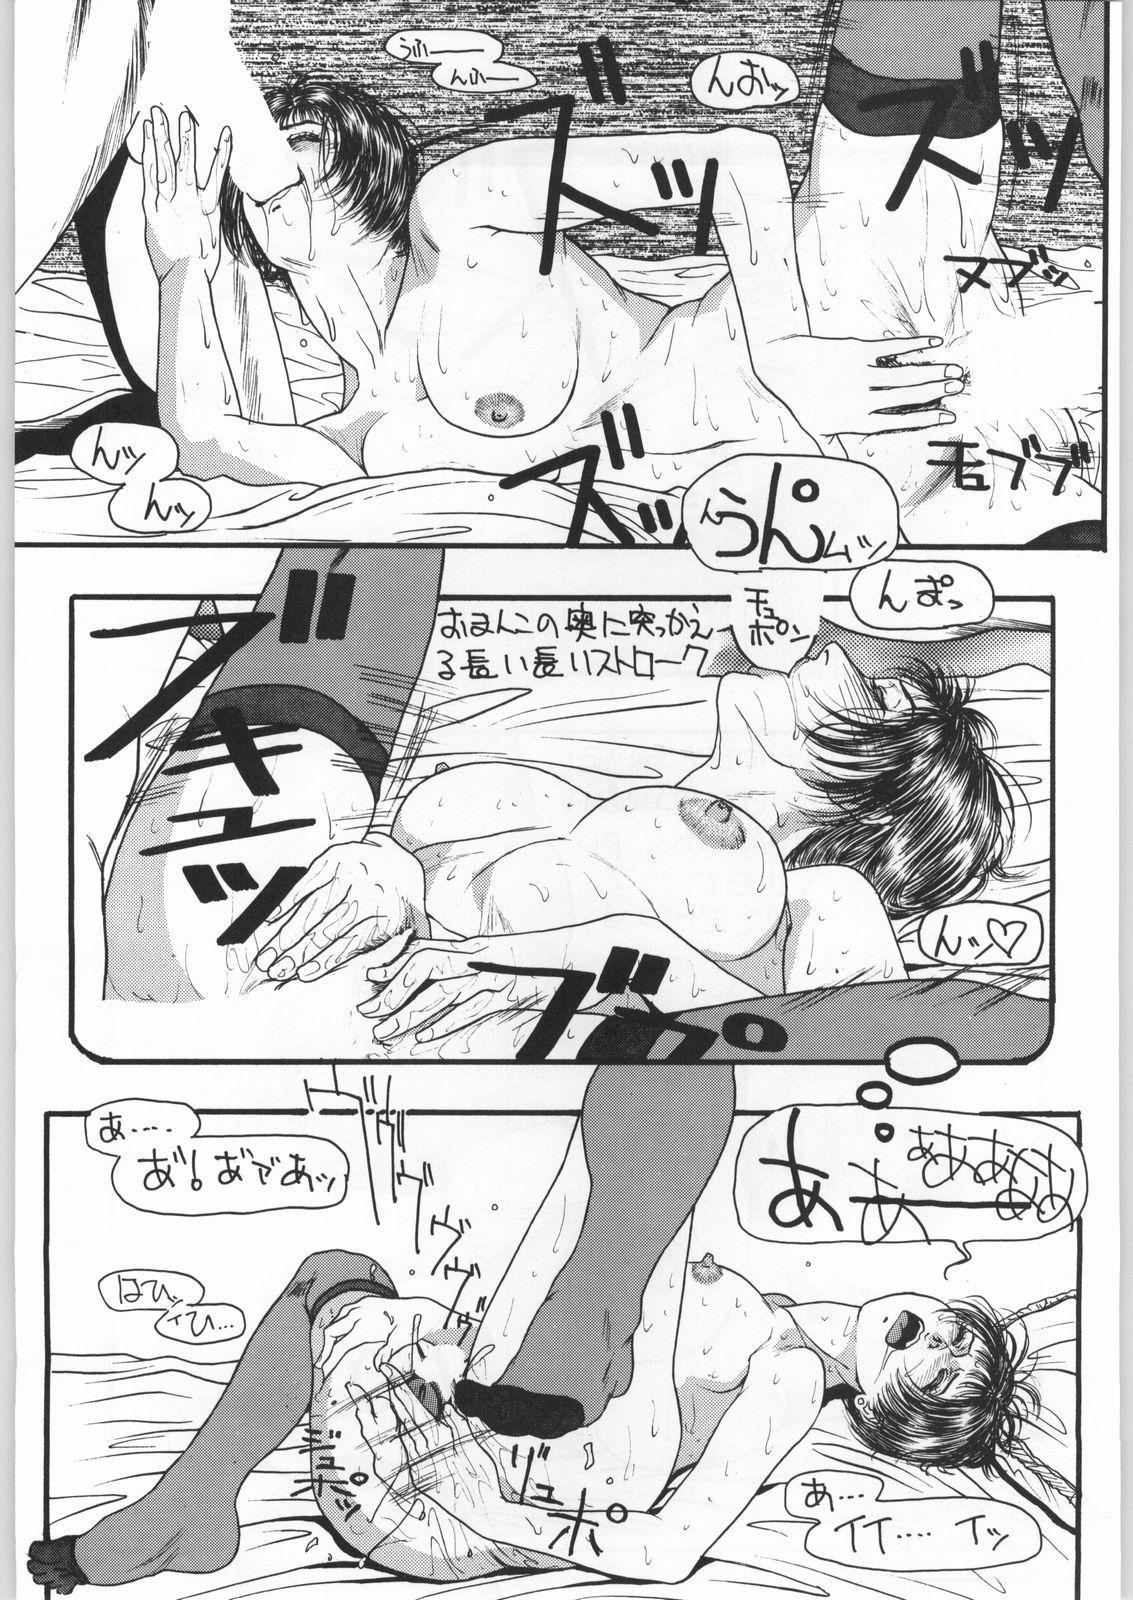 Ero Manga Kenkyuujo FIRE 55